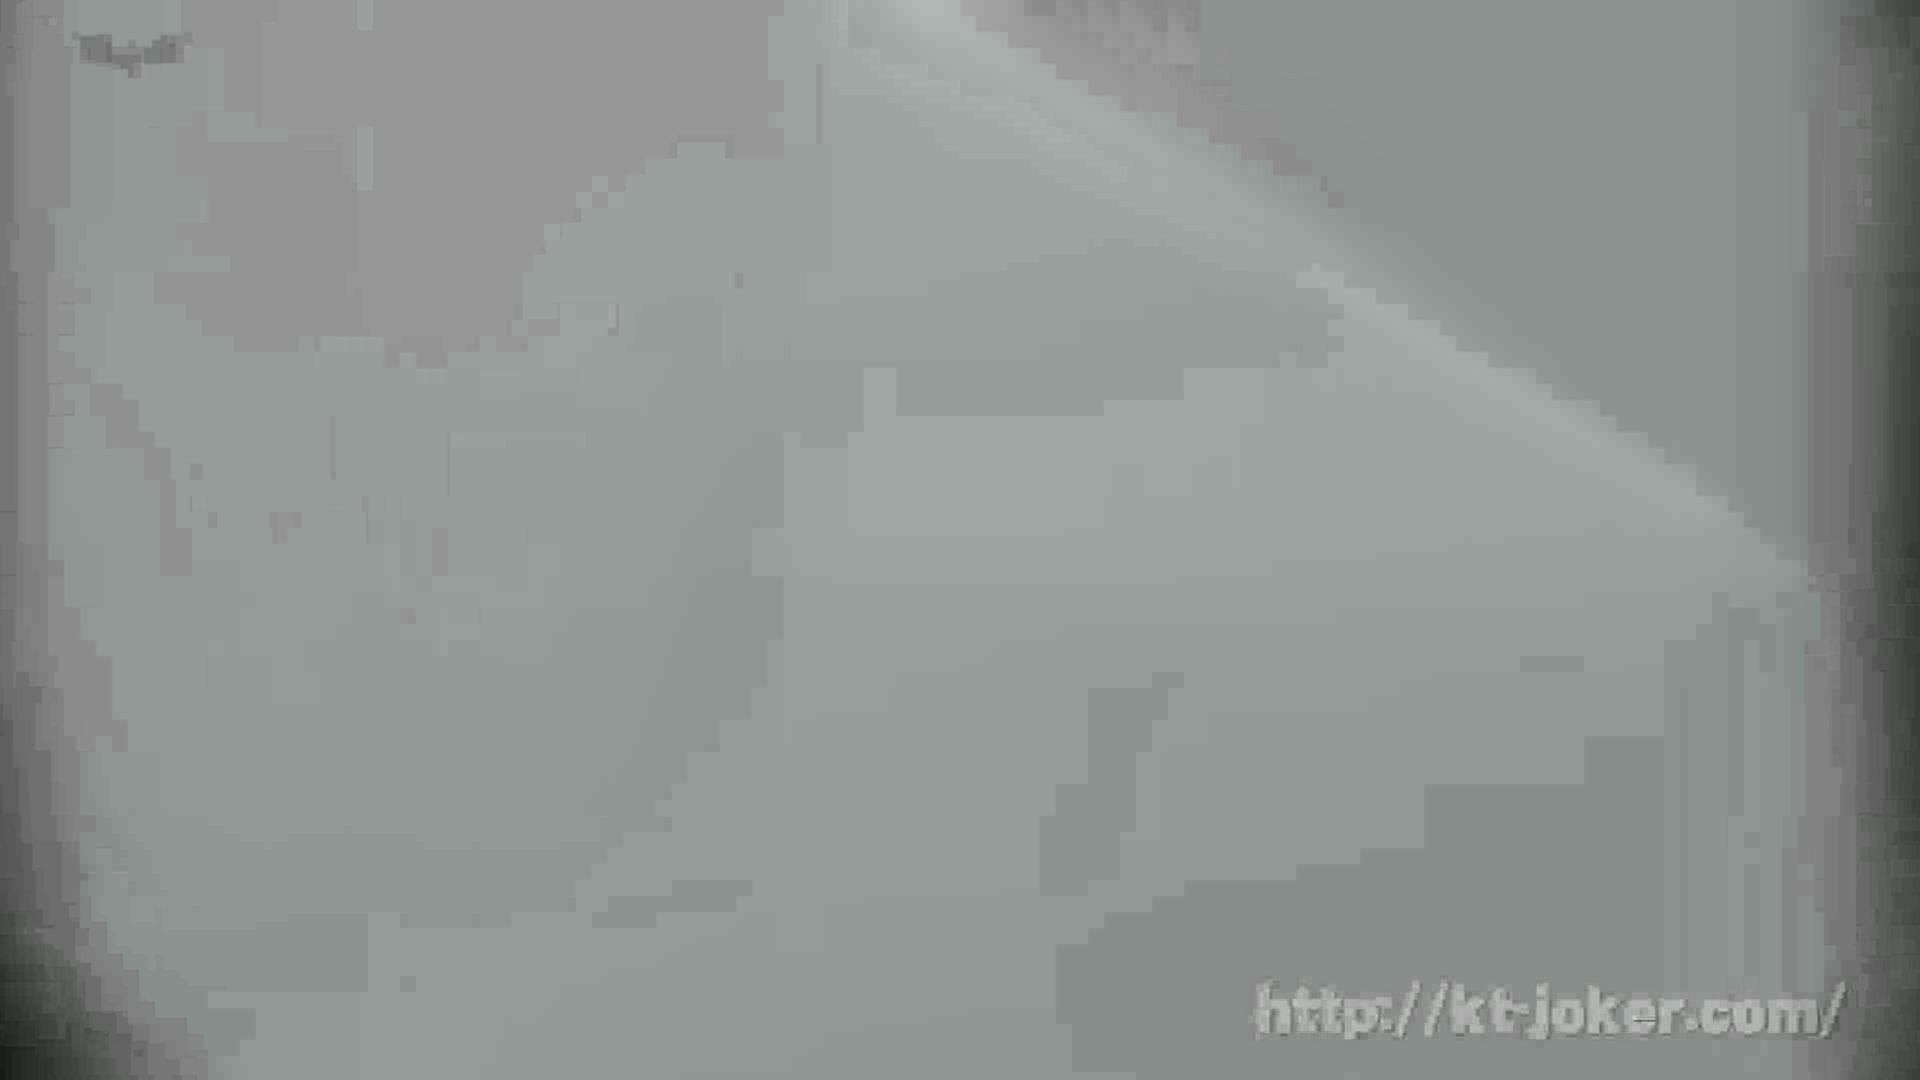 命がけ潜伏洗面所! vol.71 典型的な韓国人美女登場!! OLの実態  97pic 40